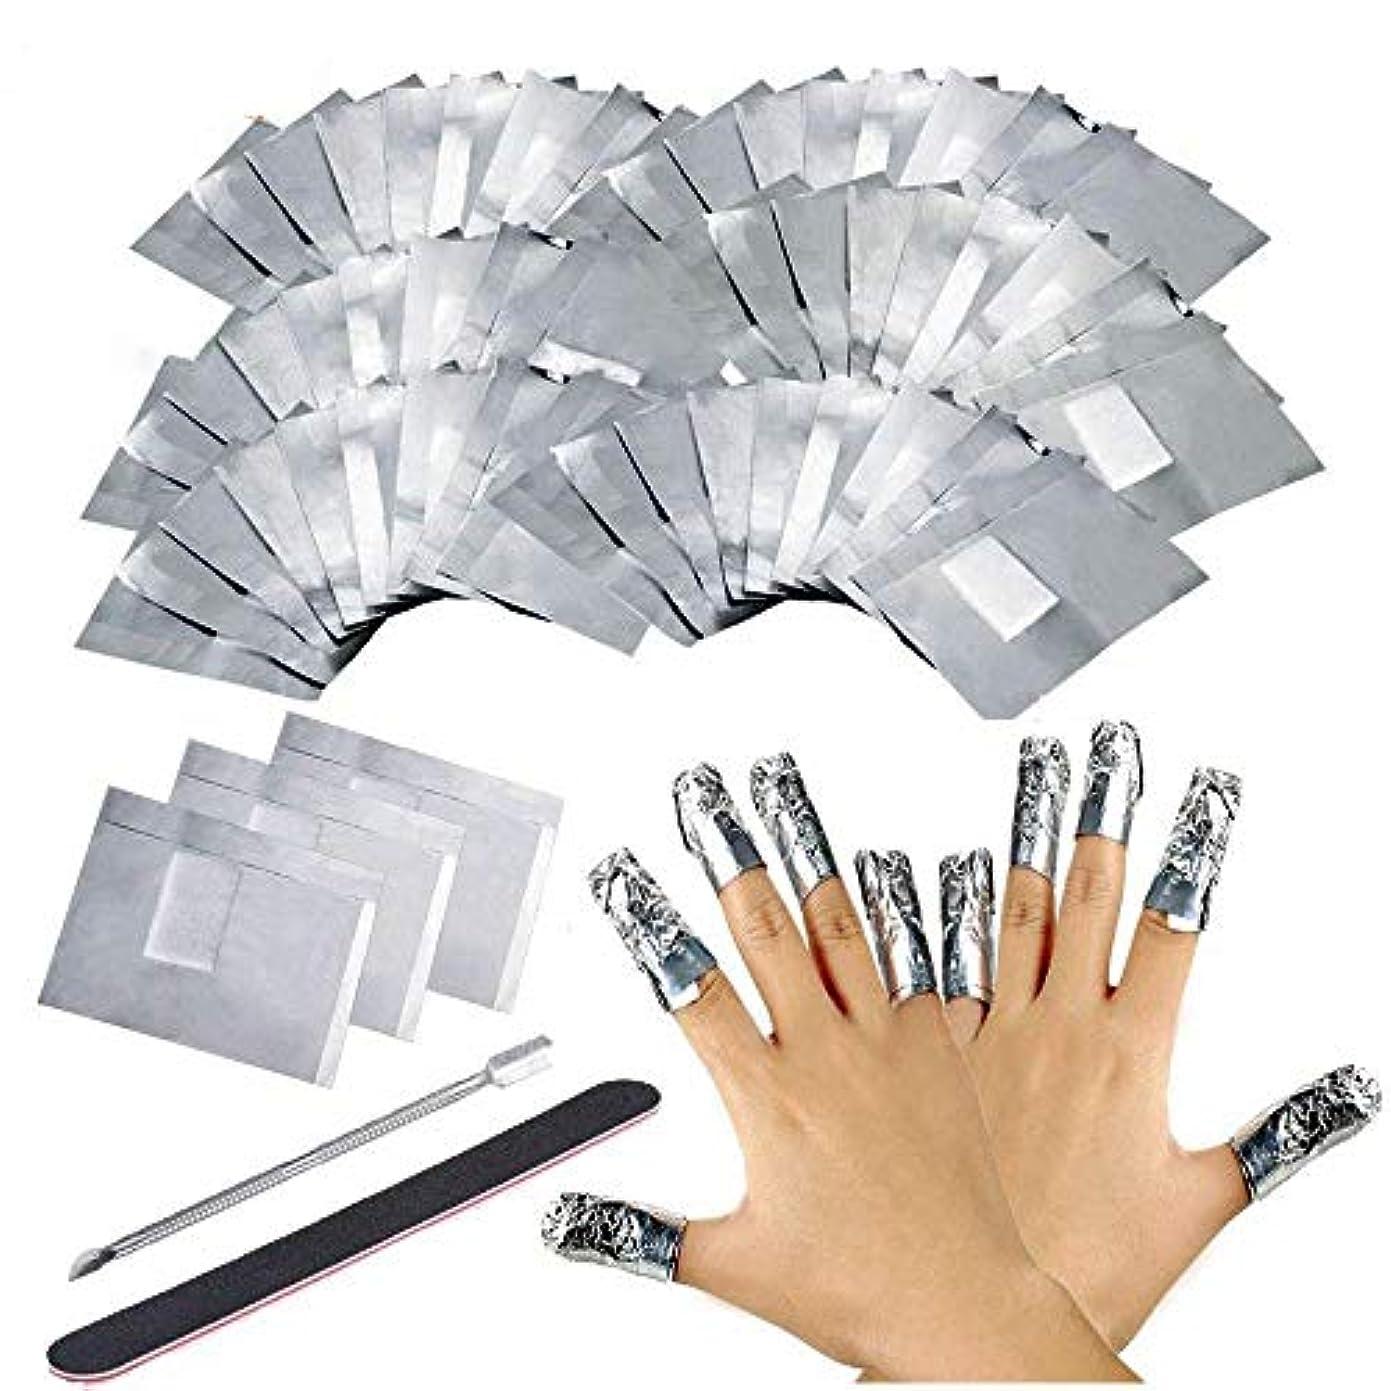 不透明な儀式多用途200枚 ジェルネイル リムーバー アセトン ジェル 使い捨て ネイル用品, ジェルオフリムーバー アクリルUVジェル, 付き 1本ネイルオフプッシャー そして 1本 ネイルファイル